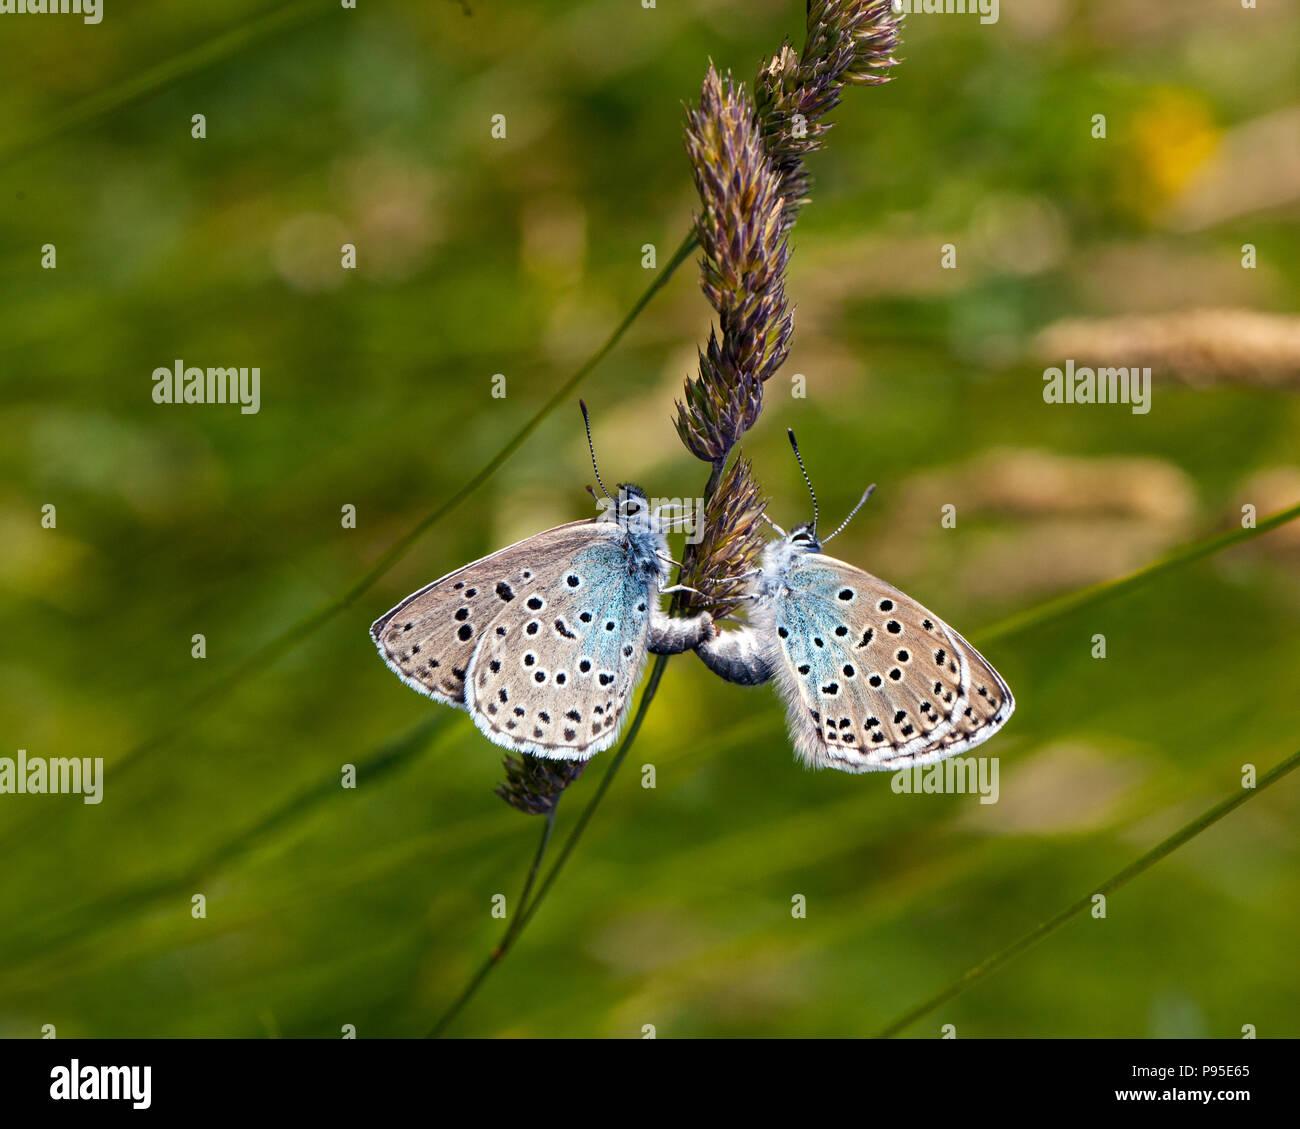 Par grandes mariposas azules Maculinea arion en Collard Hill Somerset tras el éxito de su reintroducción en la década de 1980 tras extinguirse en 1979 Imagen De Stock